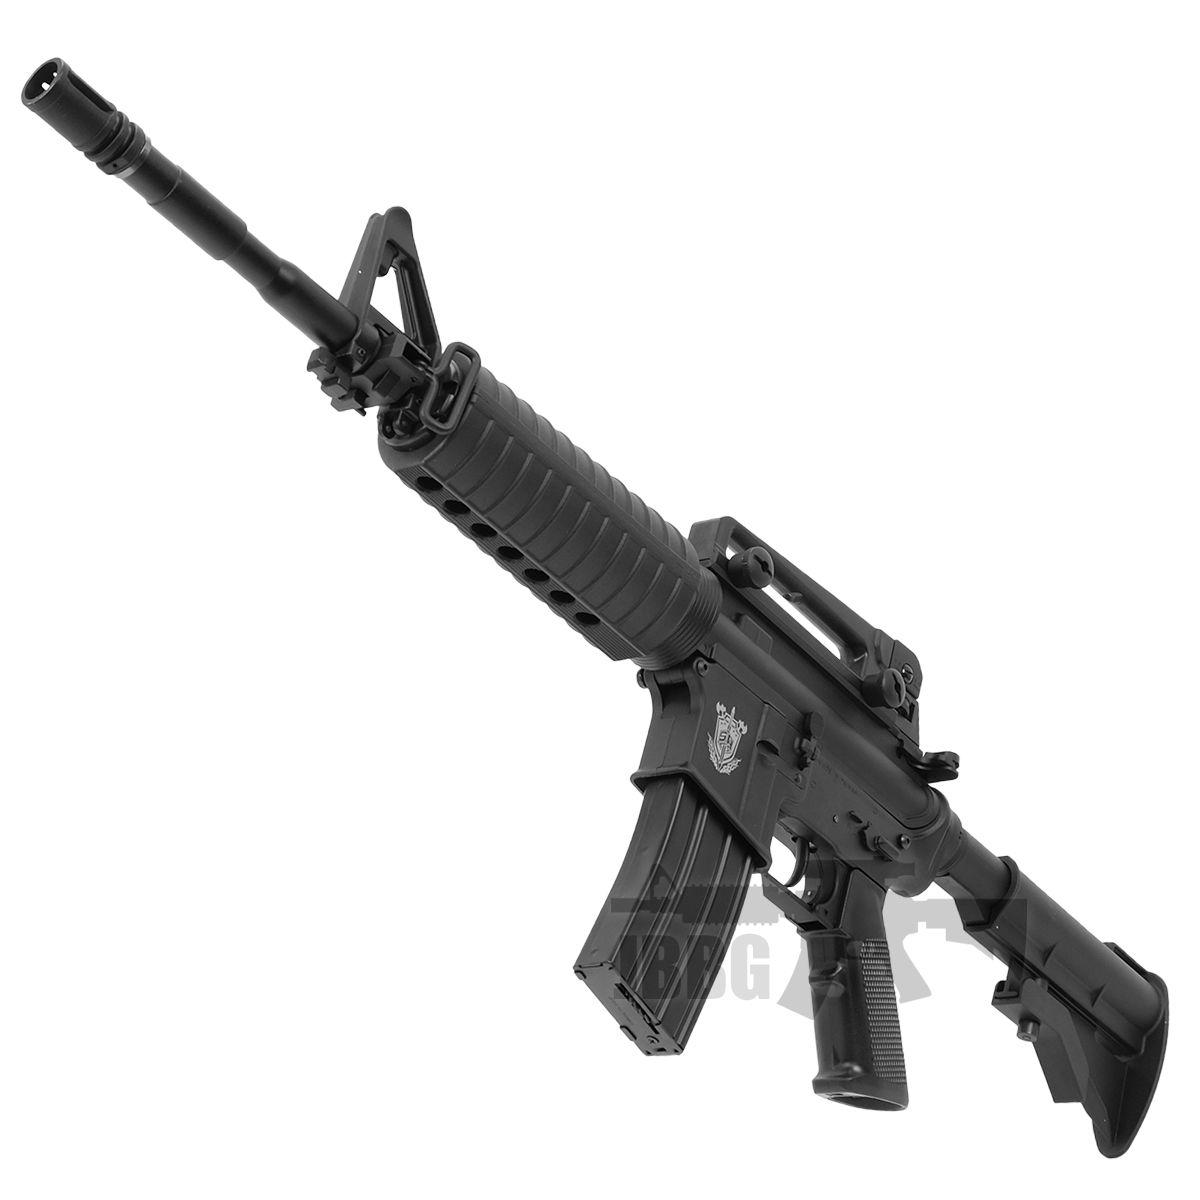 SR4A1 M4 Carbine Sportline AEG Airsoft Gun 9